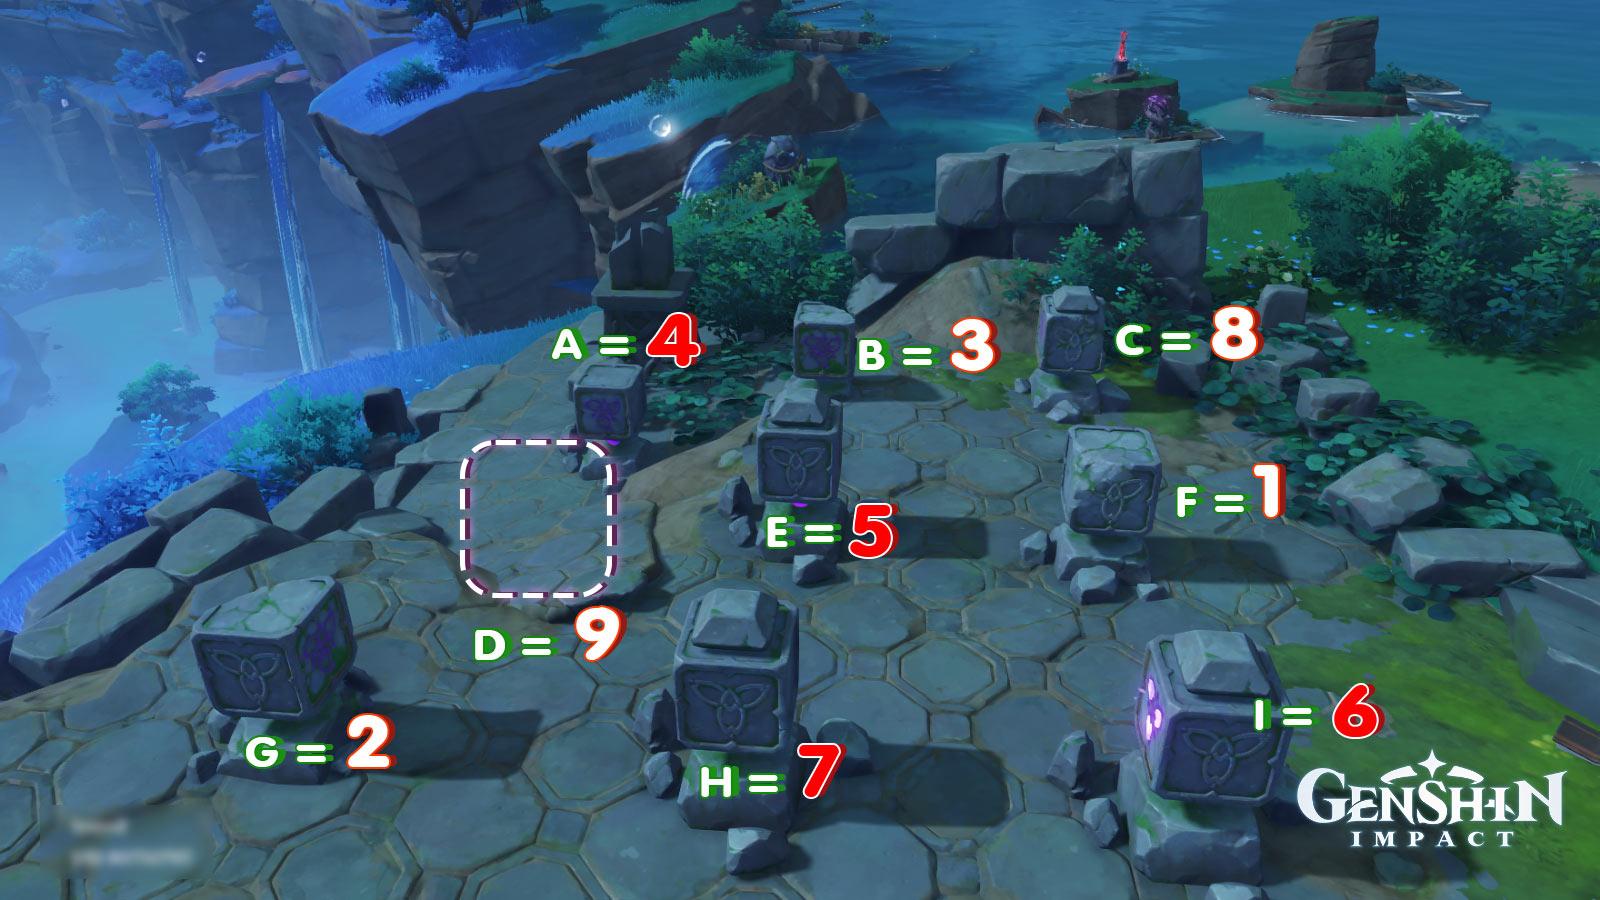 Genshin Impact ปริศนาแท่นหิน 9 ช่อง รูปแบบที่ 1